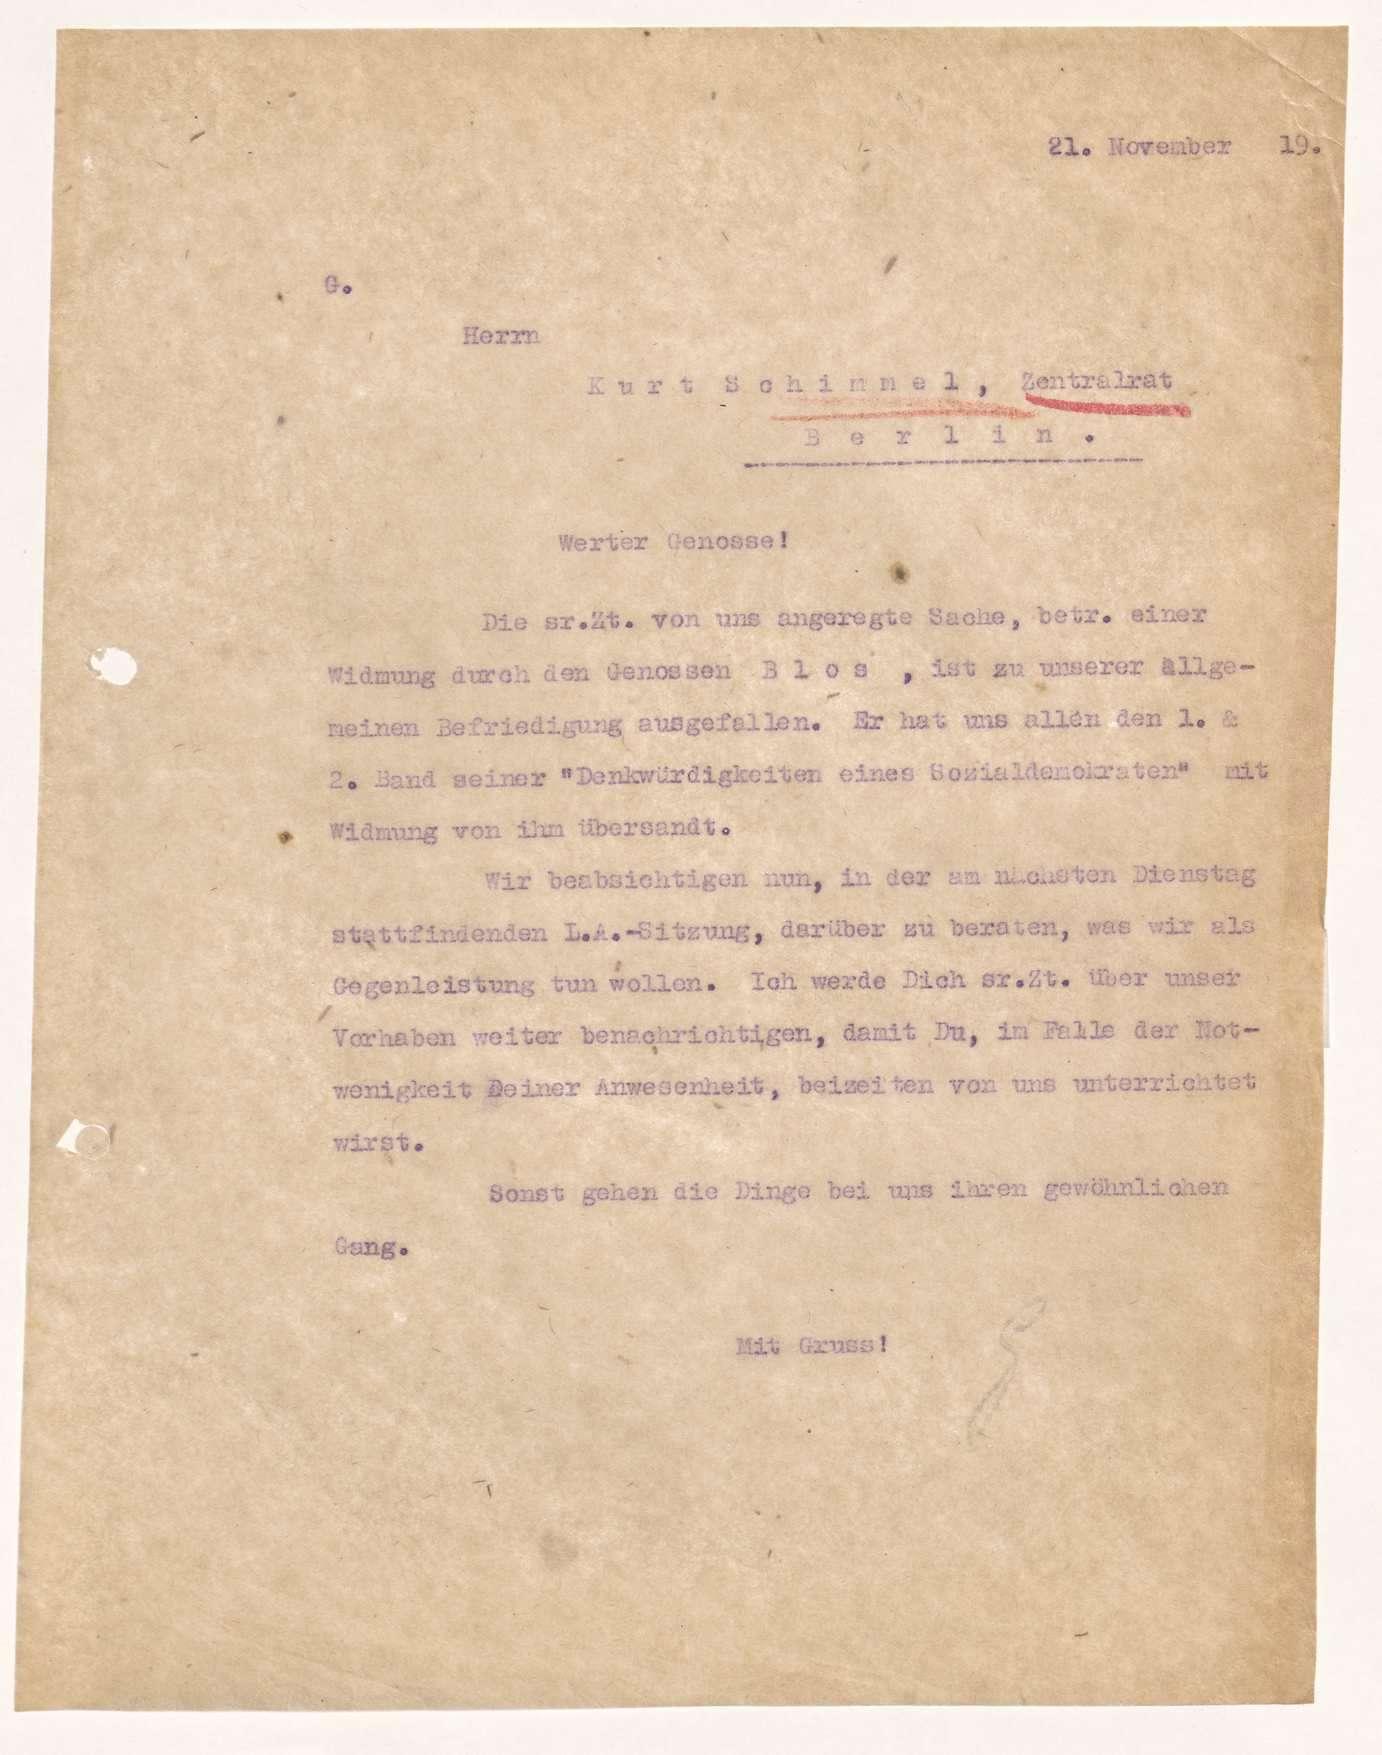 Anerkennung für Staatspräsident Blos als Gegenleistung für sein Buchgeschenk an den Landesausschuss, Bild 1